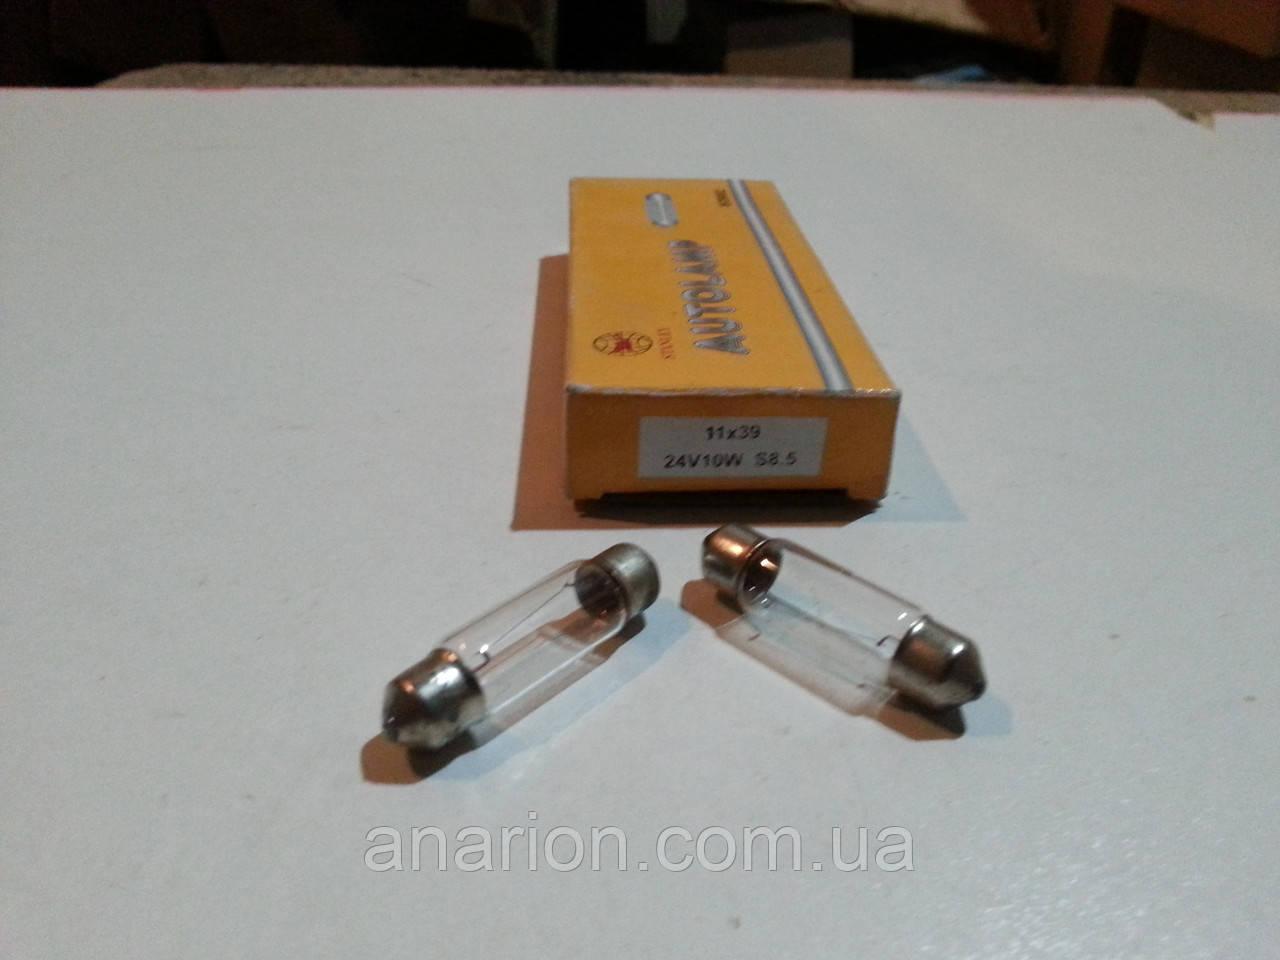 Автолмпа C5W 24V SV8.5 T11x39 для подсветки номера или салона (2 шт)